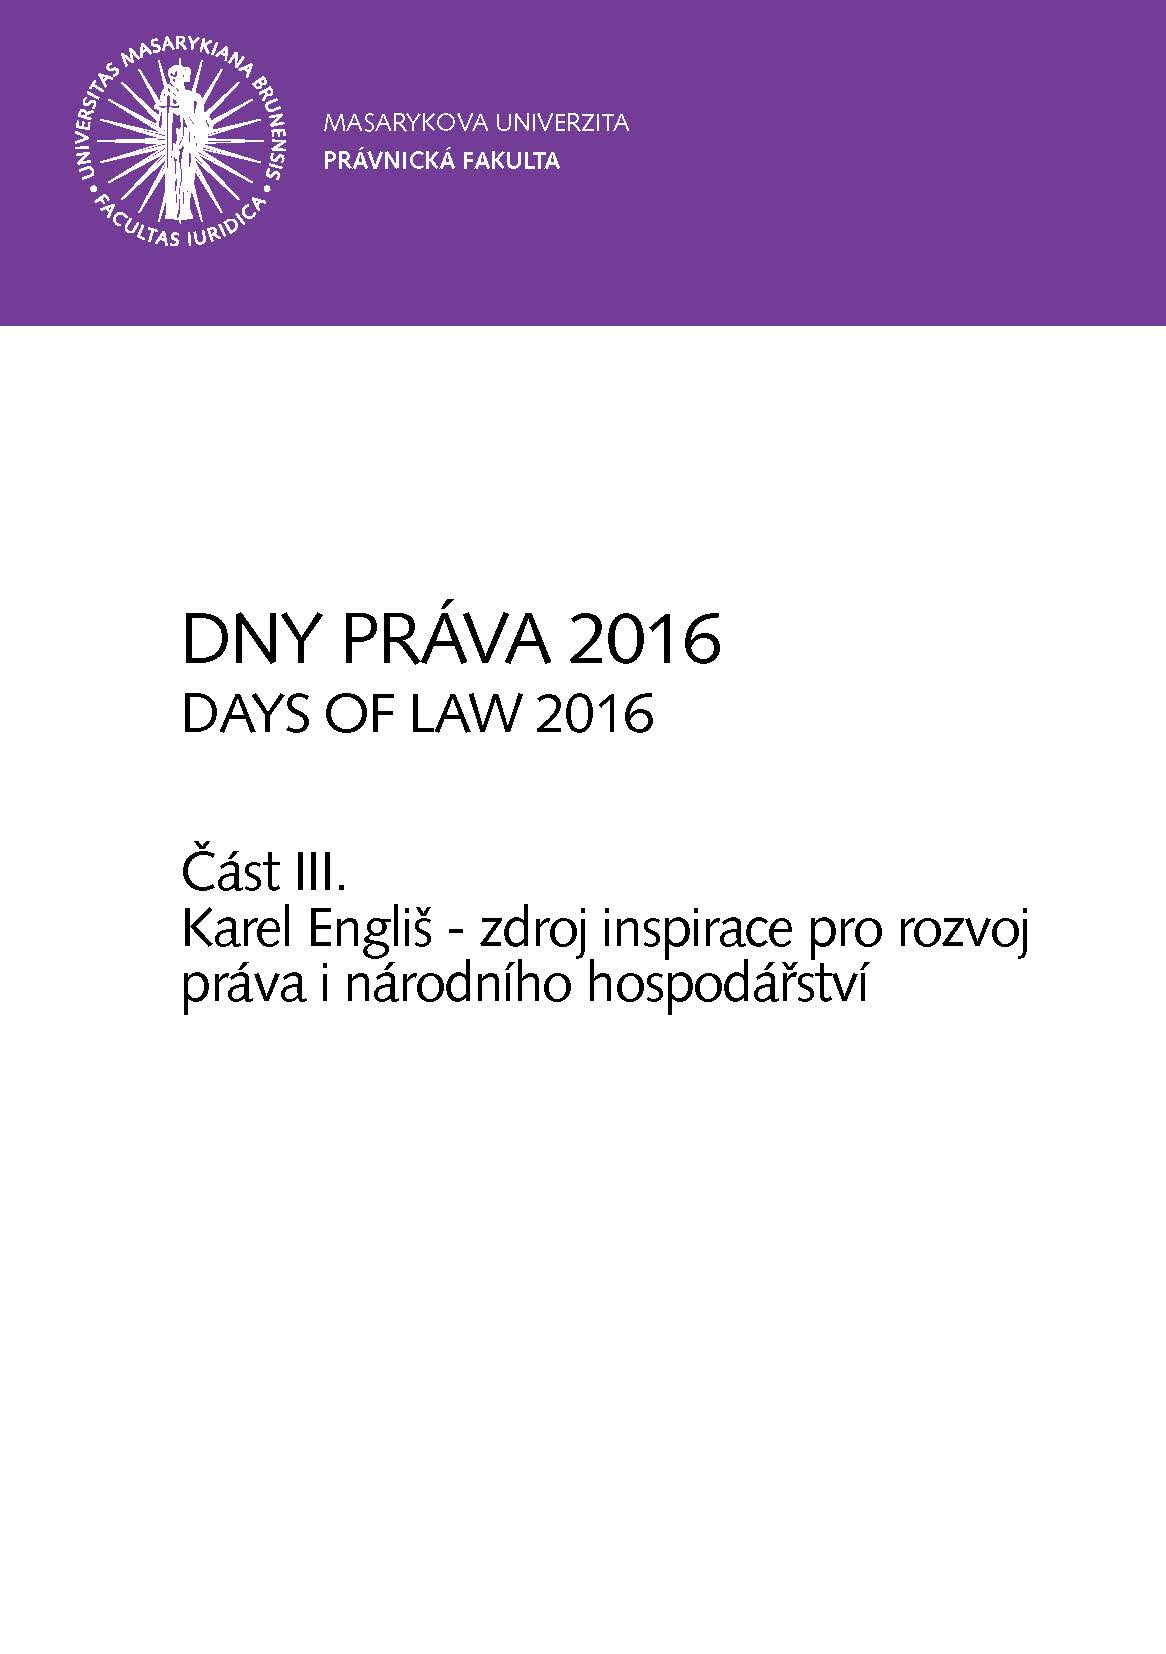 Obálka pro Dny práva 2016. Část III – Karel Engliš, zdroj inspirace pro rozvoj práva i národního hospodářství